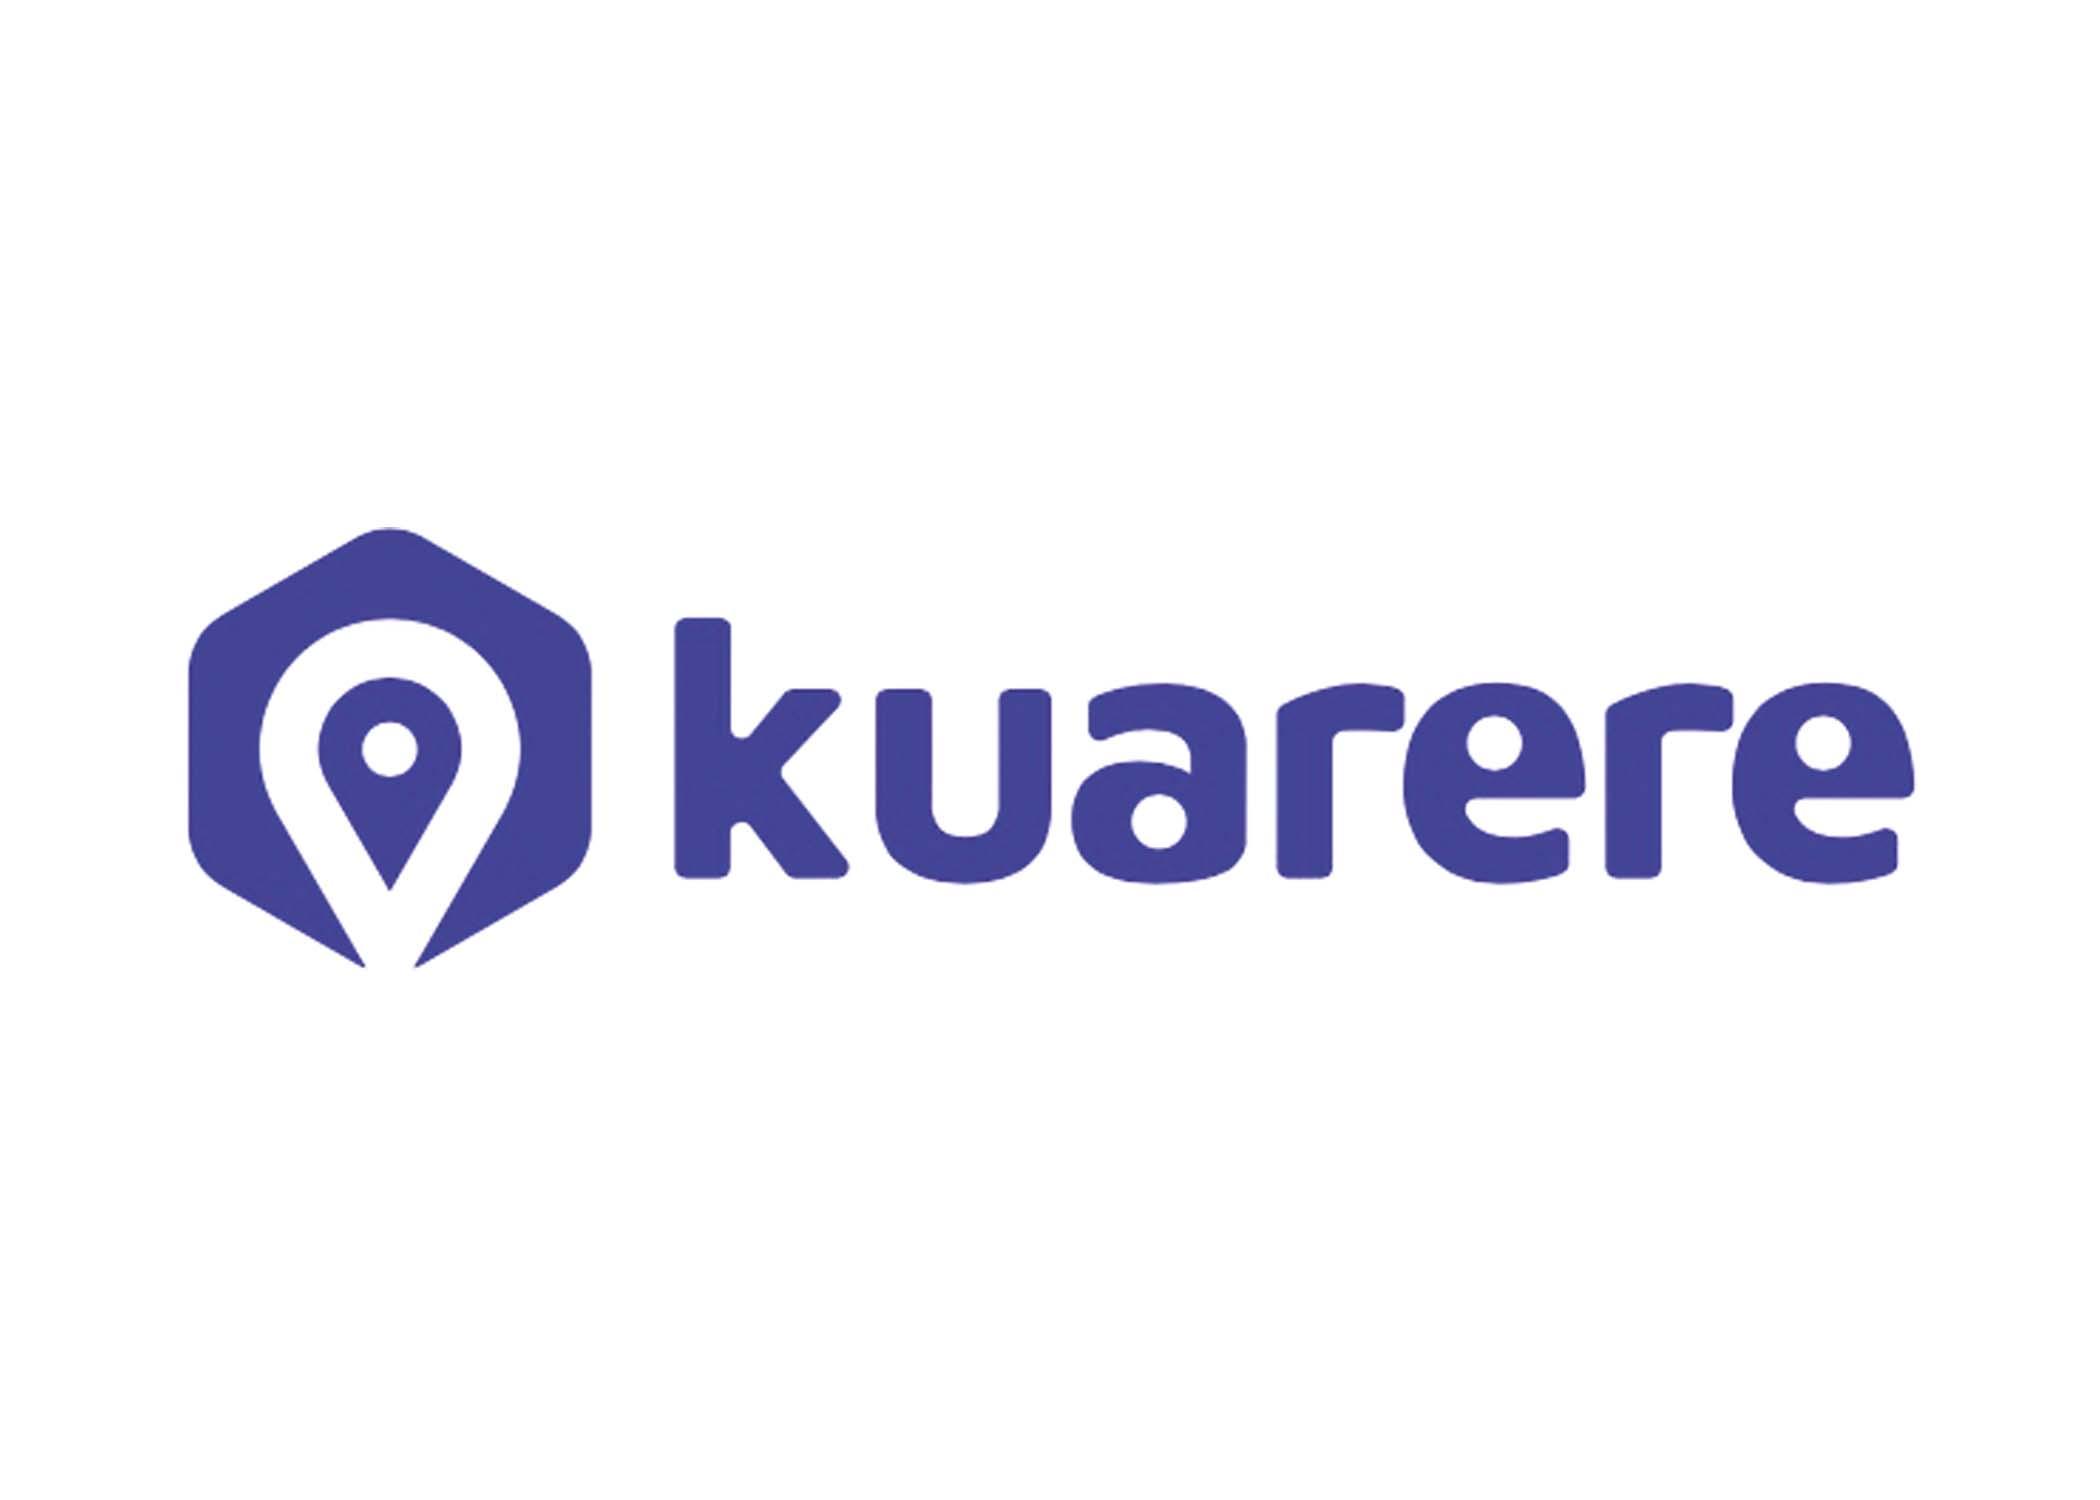 Kuarere va a asistir a la primera edición de Shooting Locations Marketplace